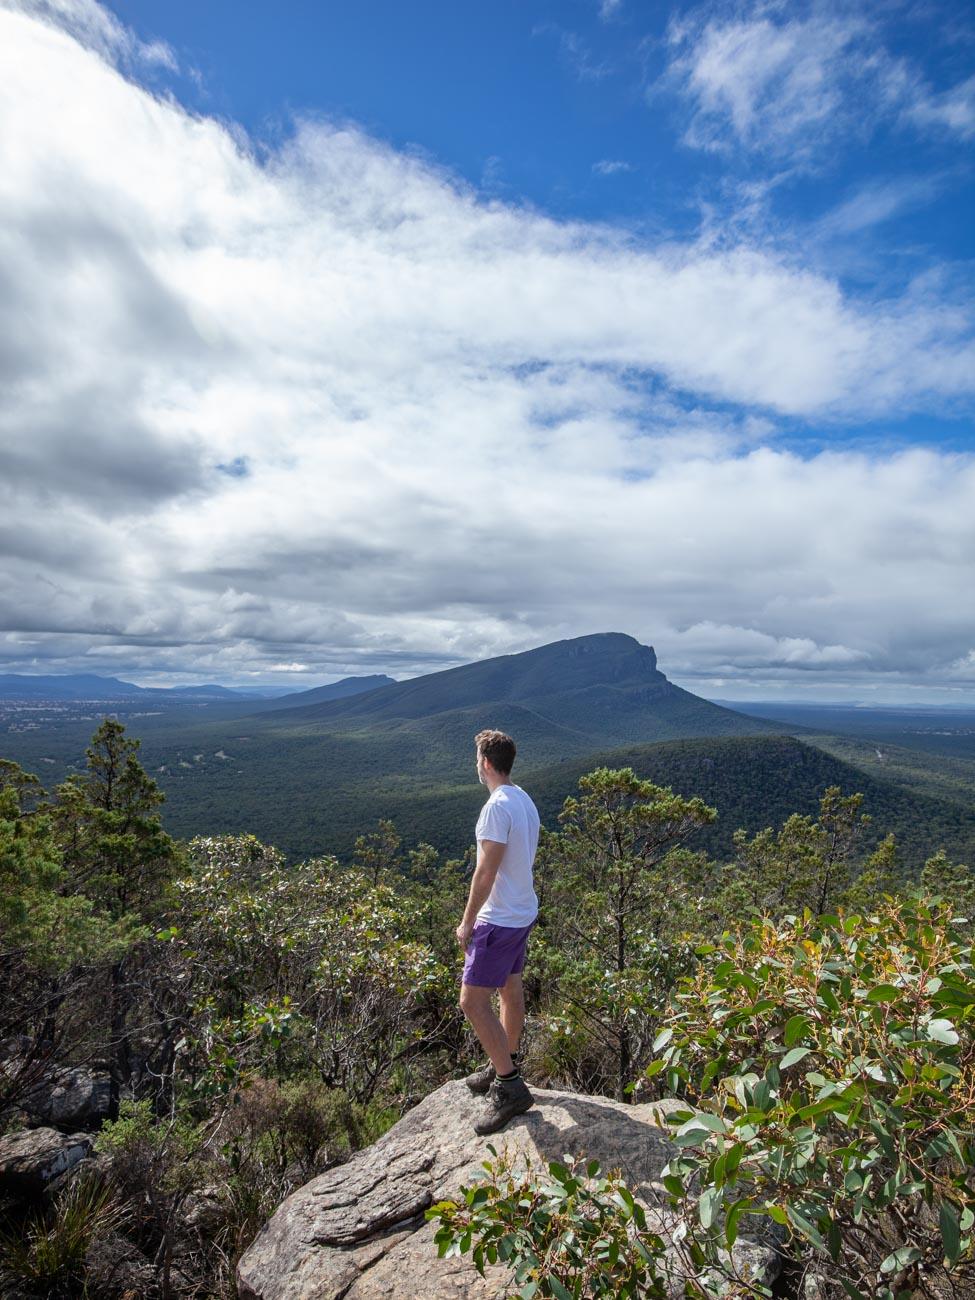 mount Sturgeon Viewpoint